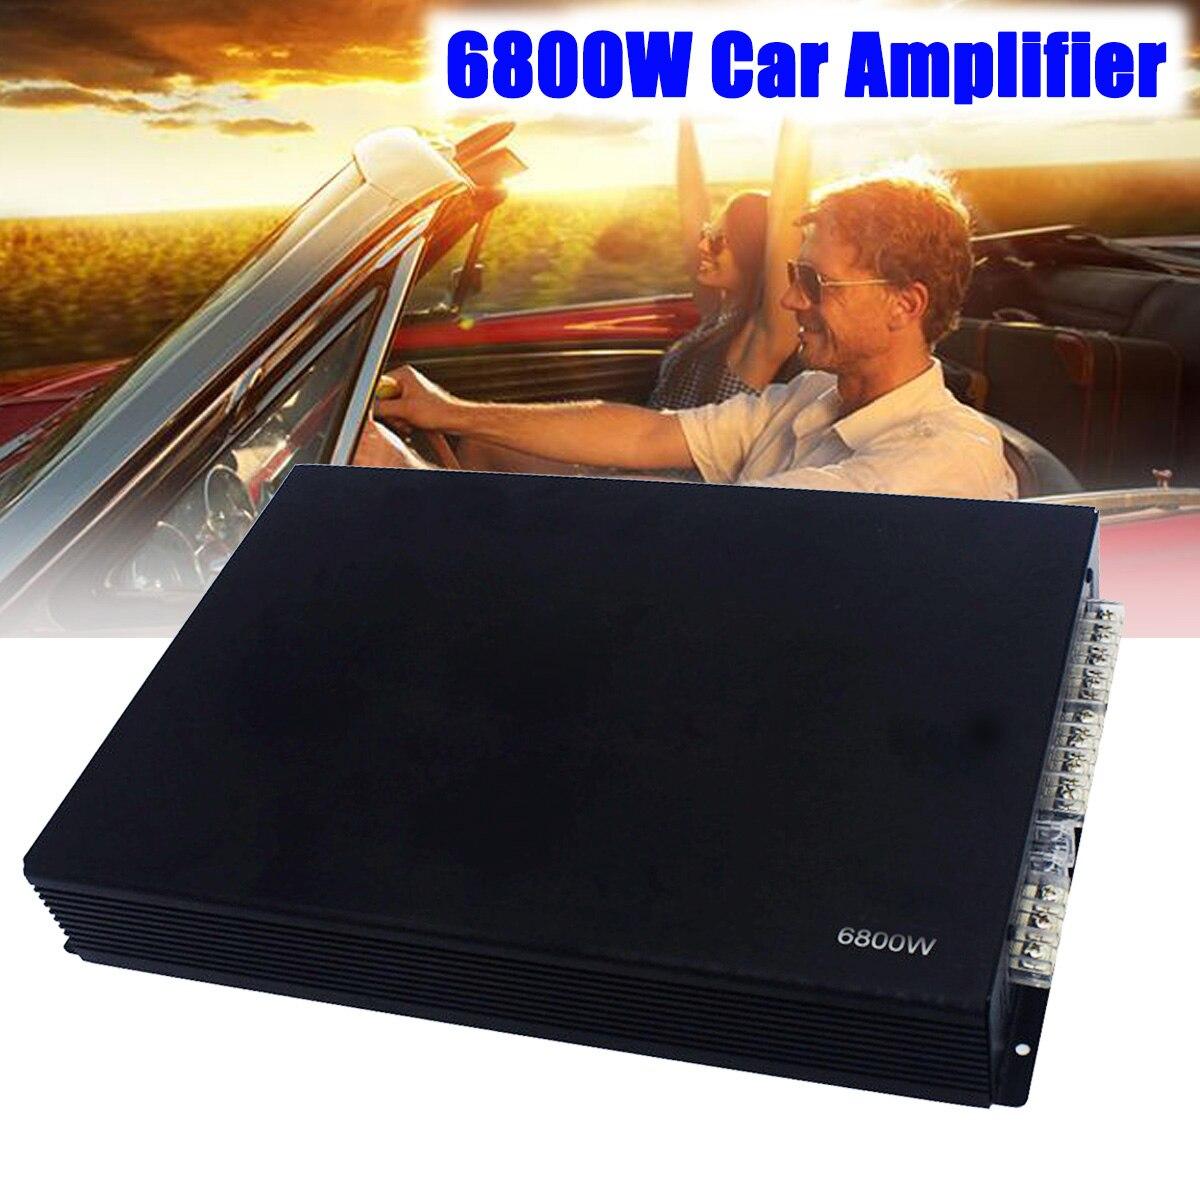 6800 W Amplificateur De Voiture 4 Canal Pontable Voiture Audio Stéréo Subwoofer Amplificateur Camion Classe AB En Alliage D'aluminium De Voiture Amplificateur